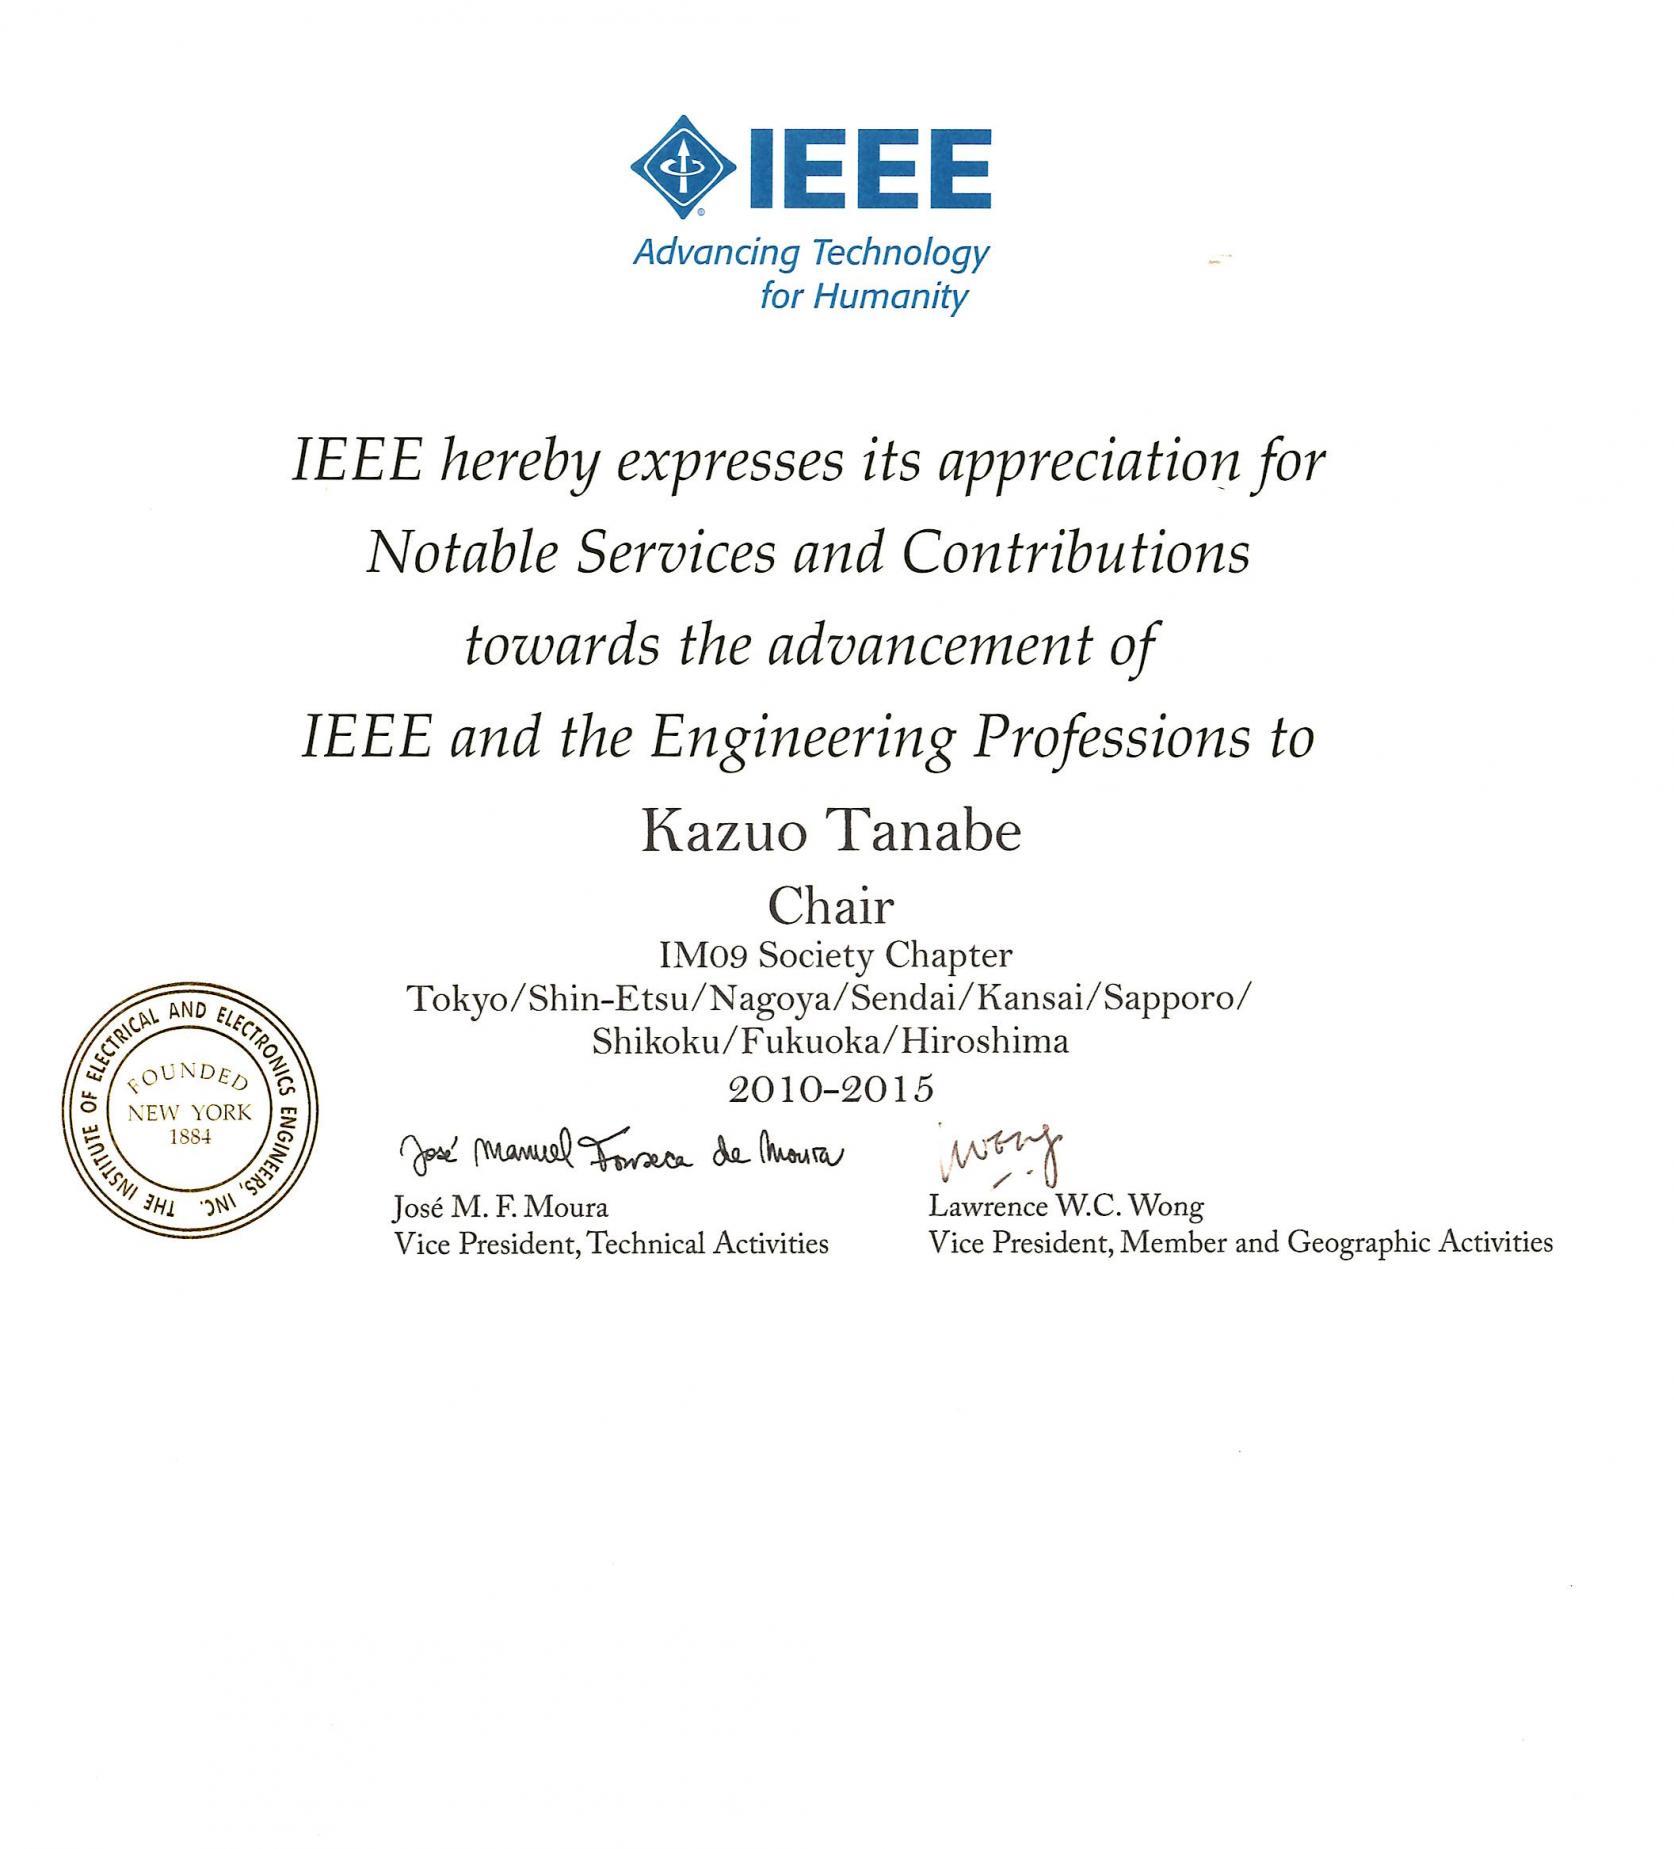 短期大学部ものづくり・サイエンス総合学科の田邊一夫教授(電子工学科兼担)が、電気・電子技術に関する学会(米国電気電子学会:IEEE)本部より、感謝状を授与されました。